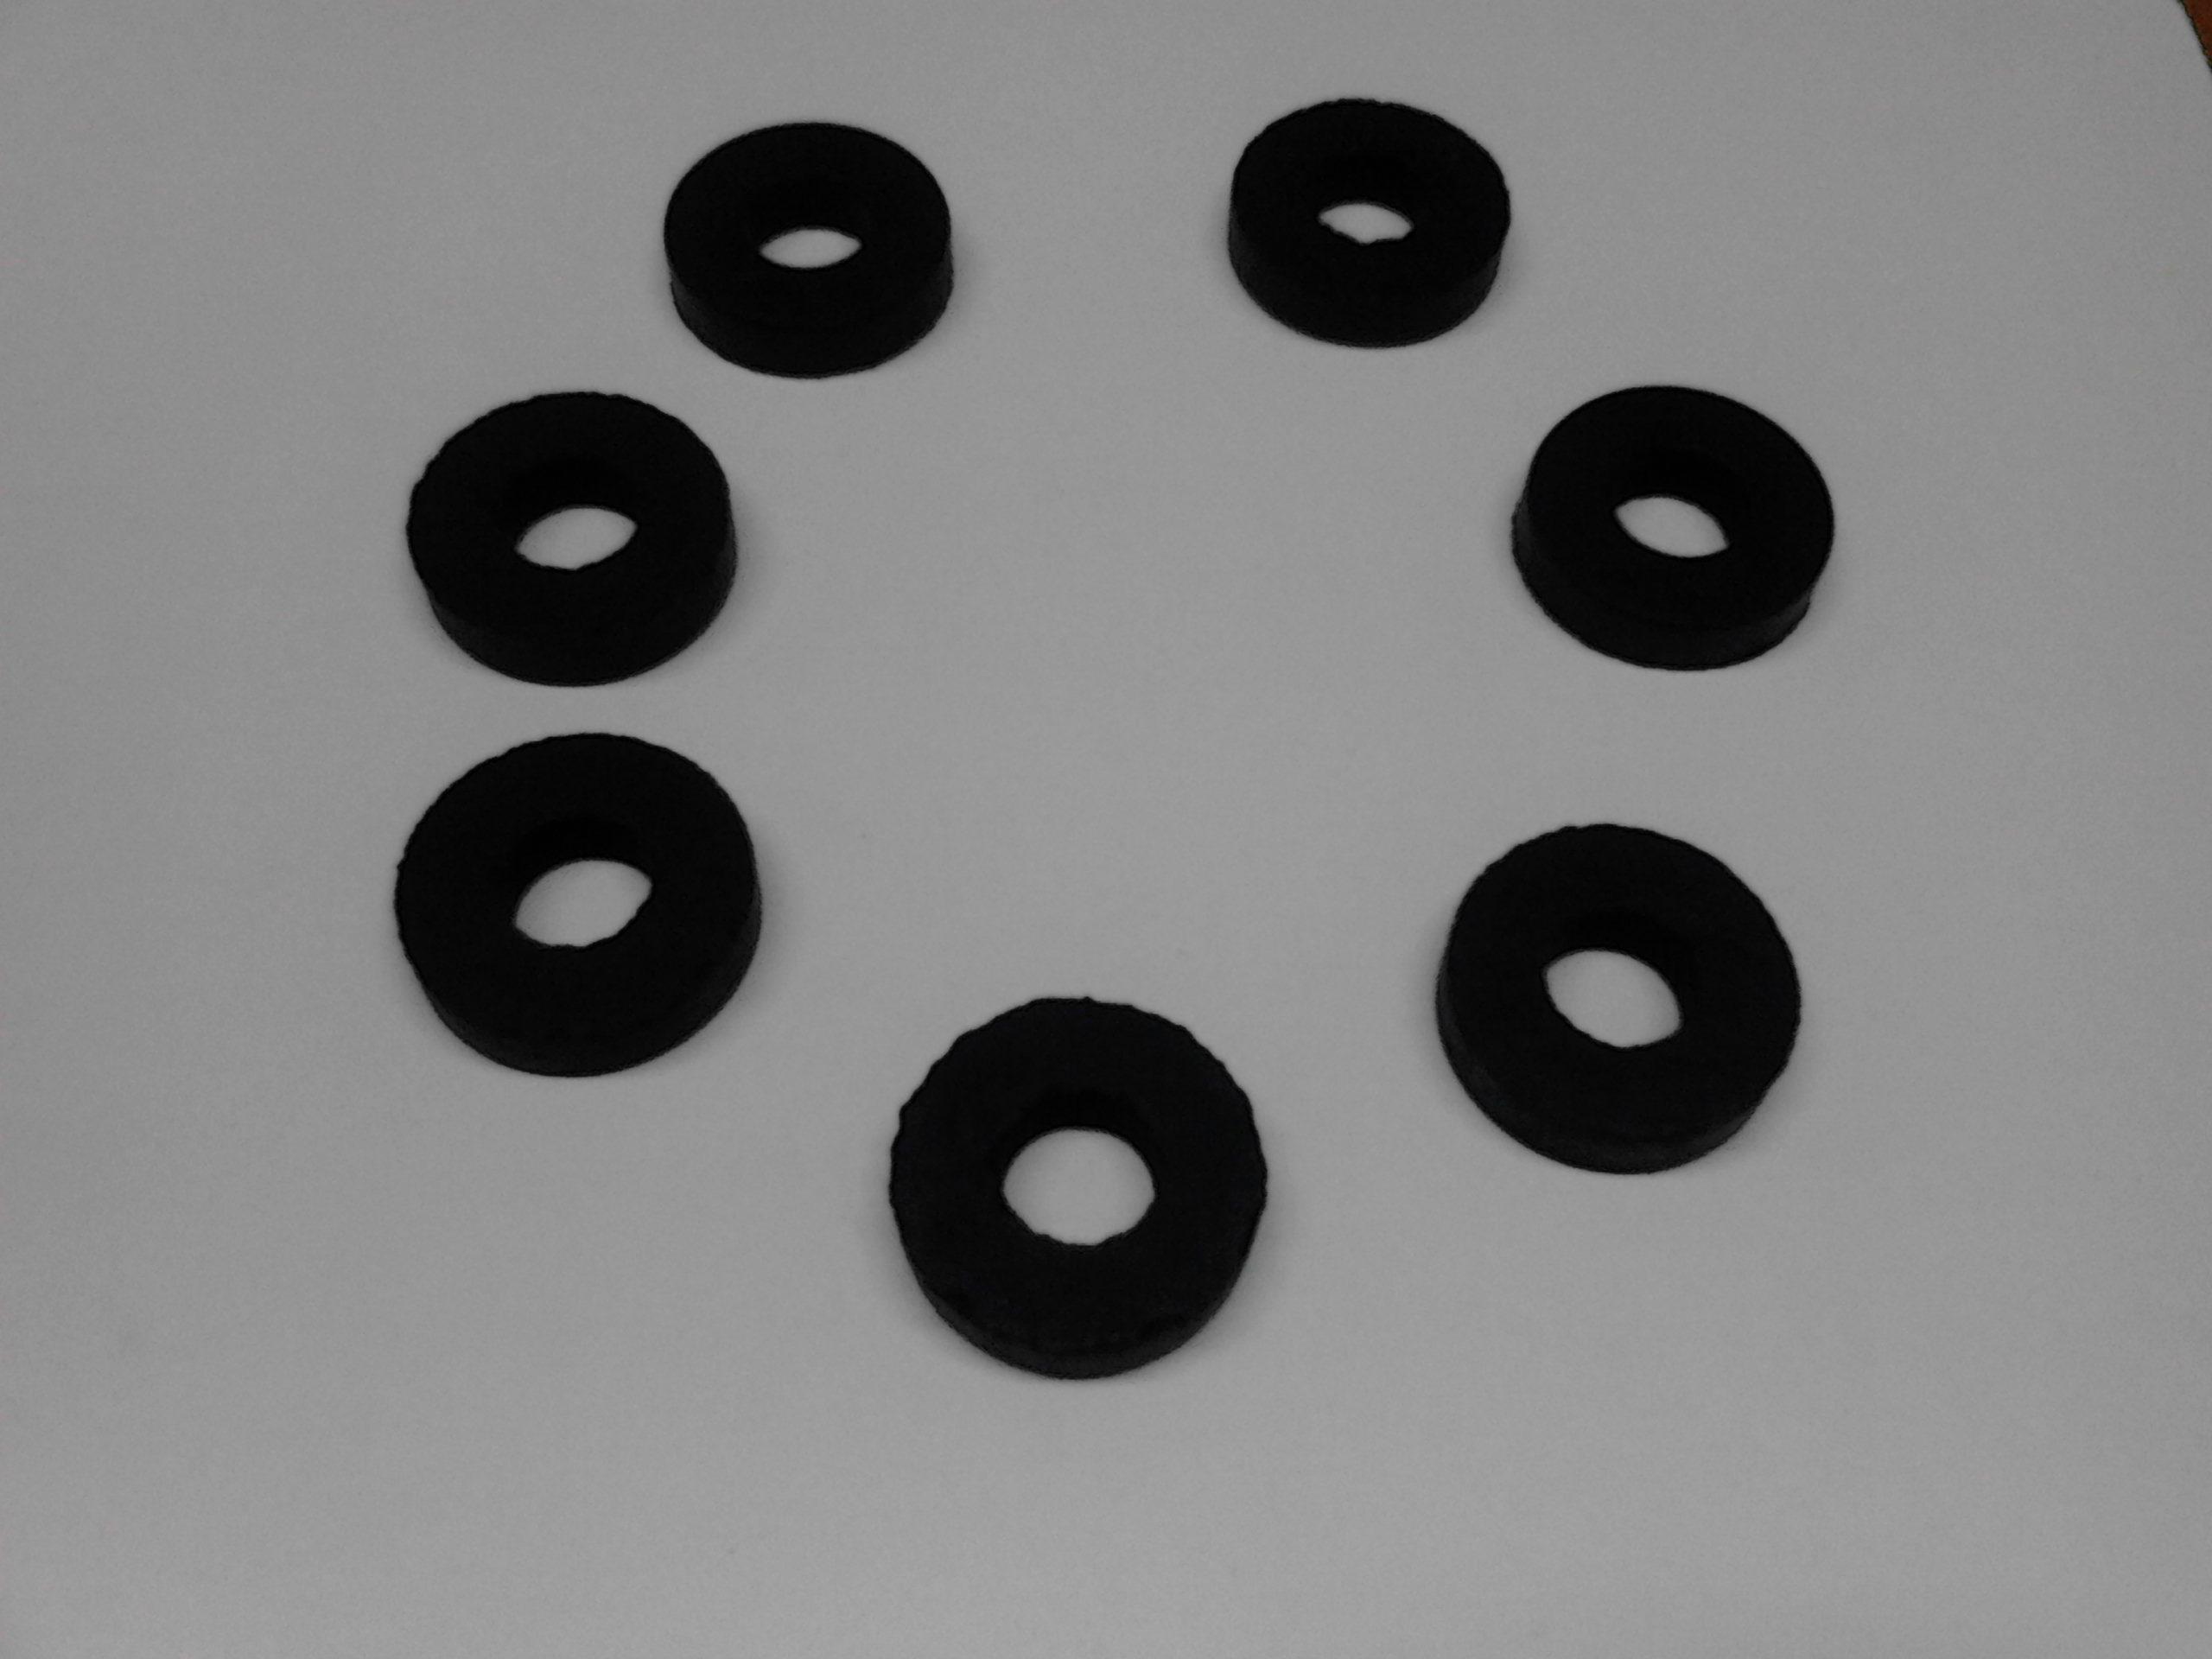 kit 7 pezzi parastrappi ingranaggio catena per moto guzzi galletto